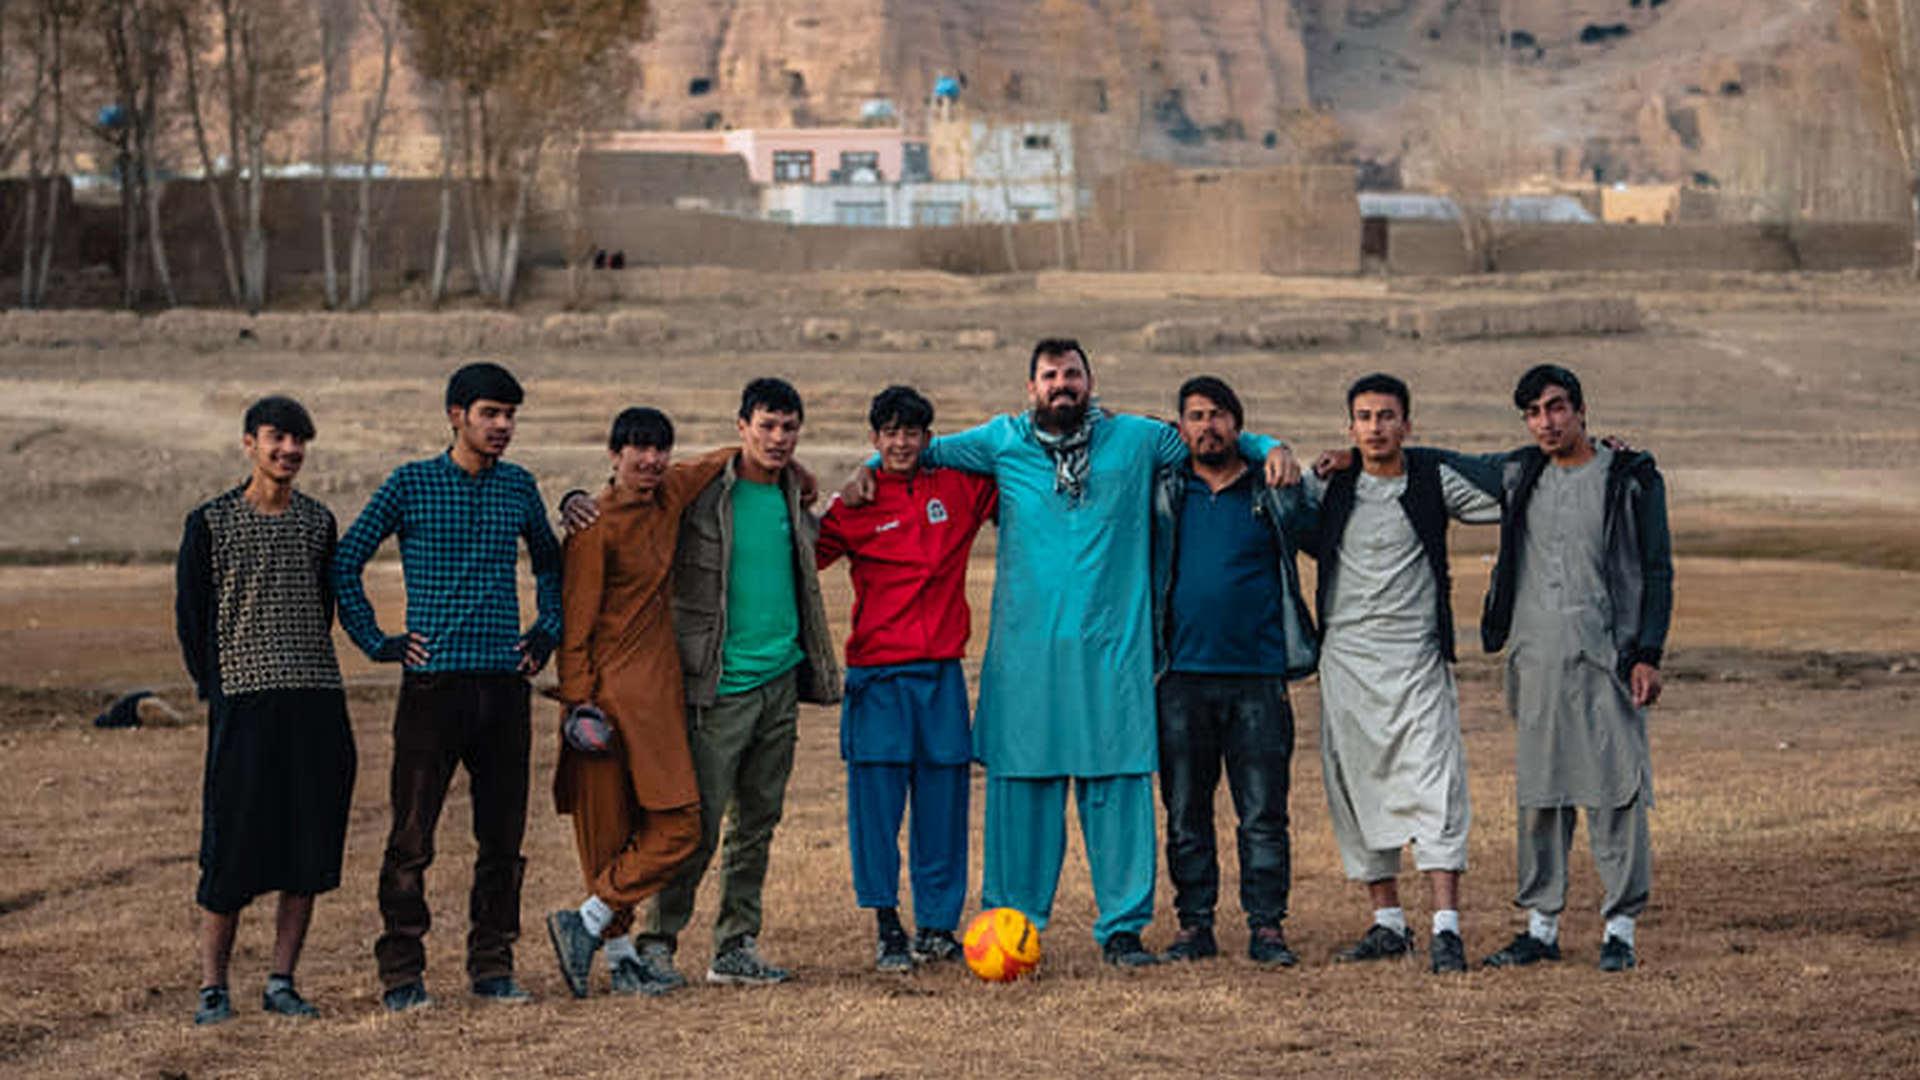 Hrvatski travel bloger Kristijan Iličić pokrenuo humanitarnu akciju | 'Pomozite obitelji da pobjegne iz Afganistana!'